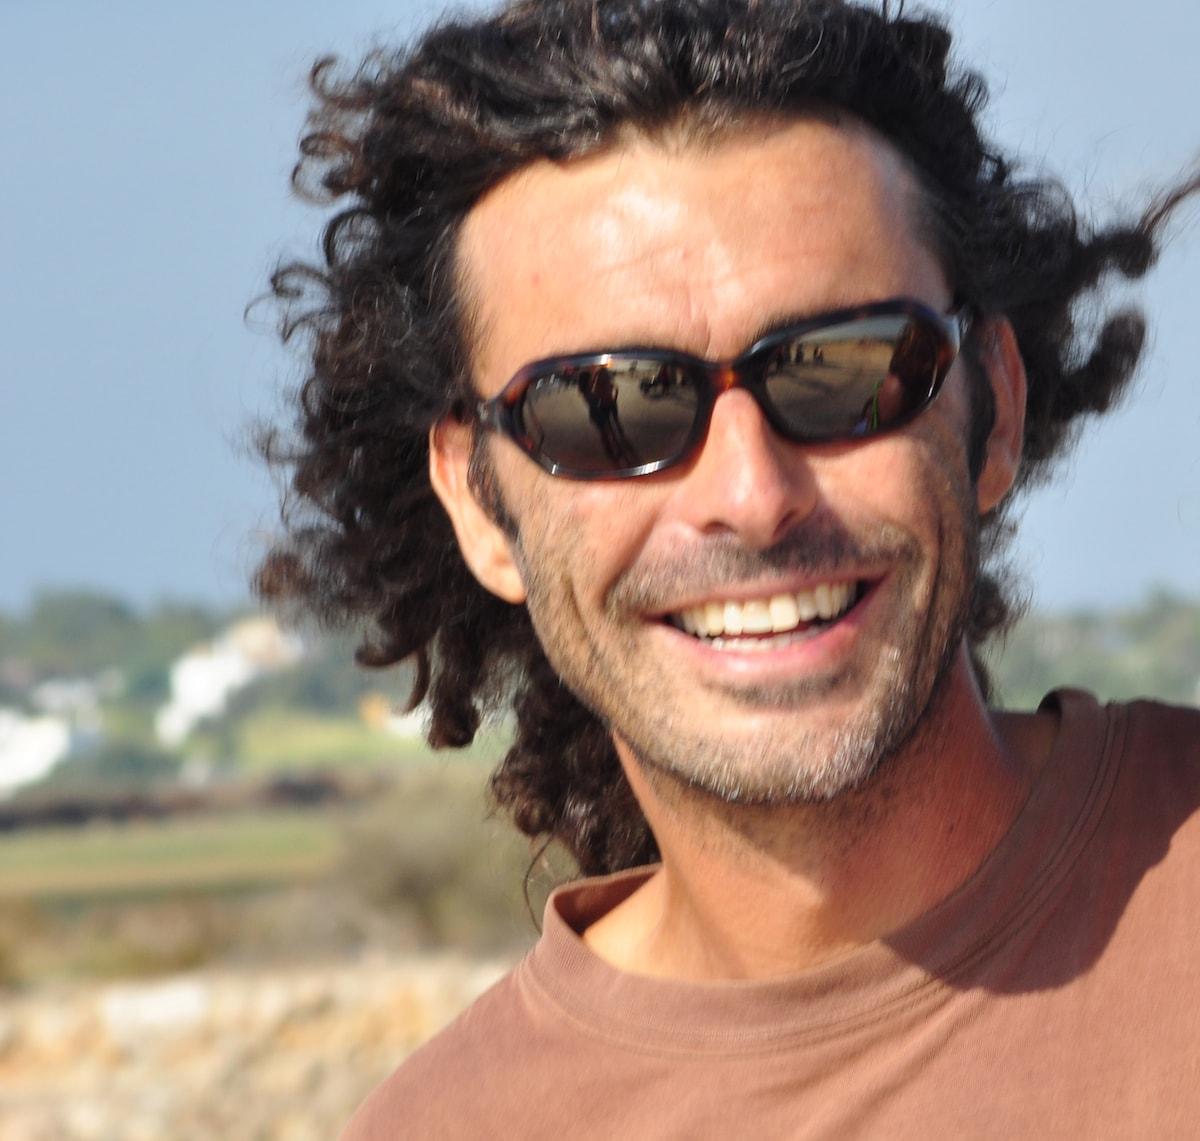 Ricardo from Foupana